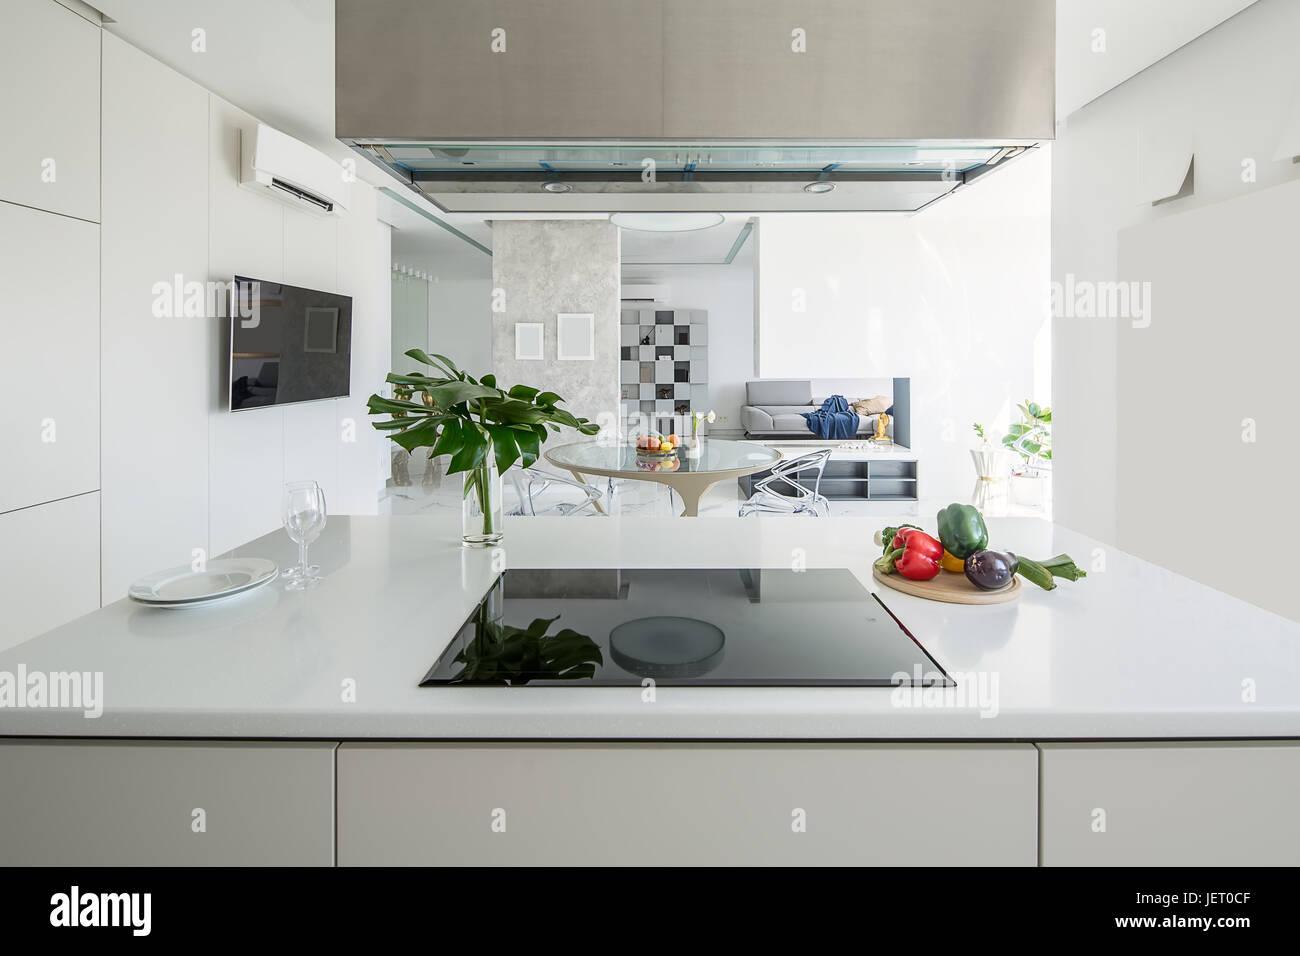 Luce isola cucina con una stufa e una cappa da cucina sullo sfondo ...